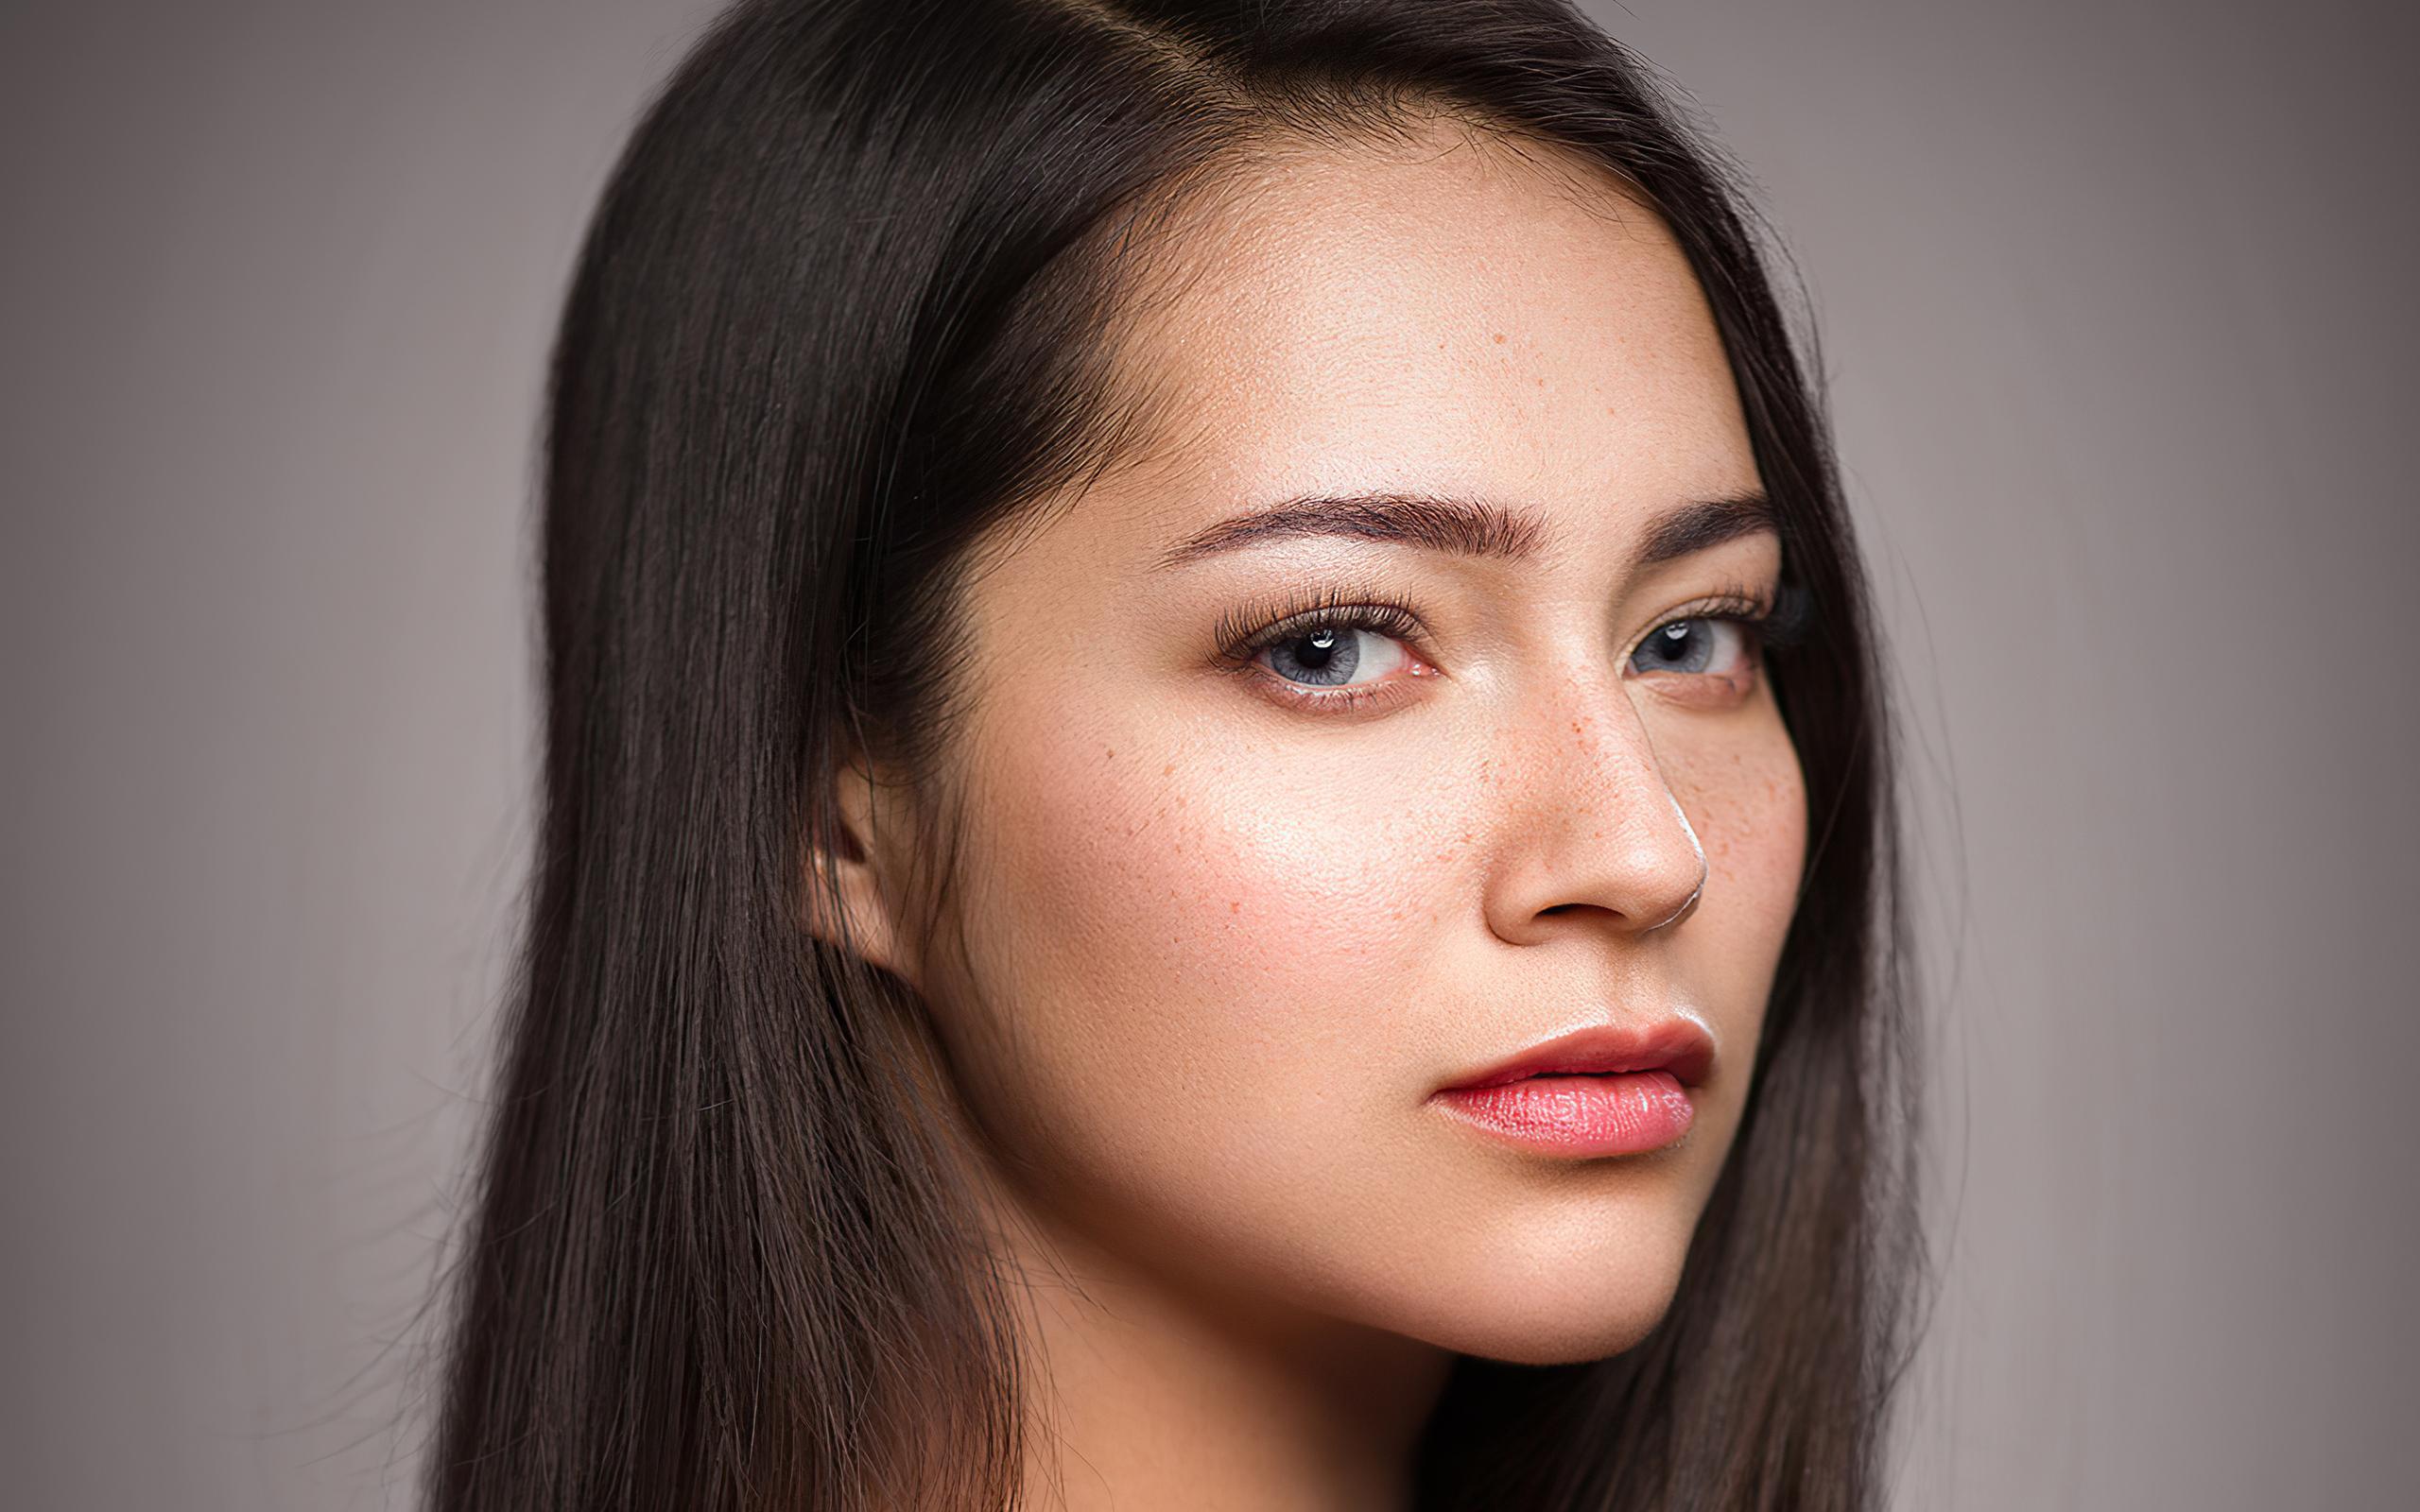 girl-straight-hair-freckles-skin-portrait-4k-ld.jpg